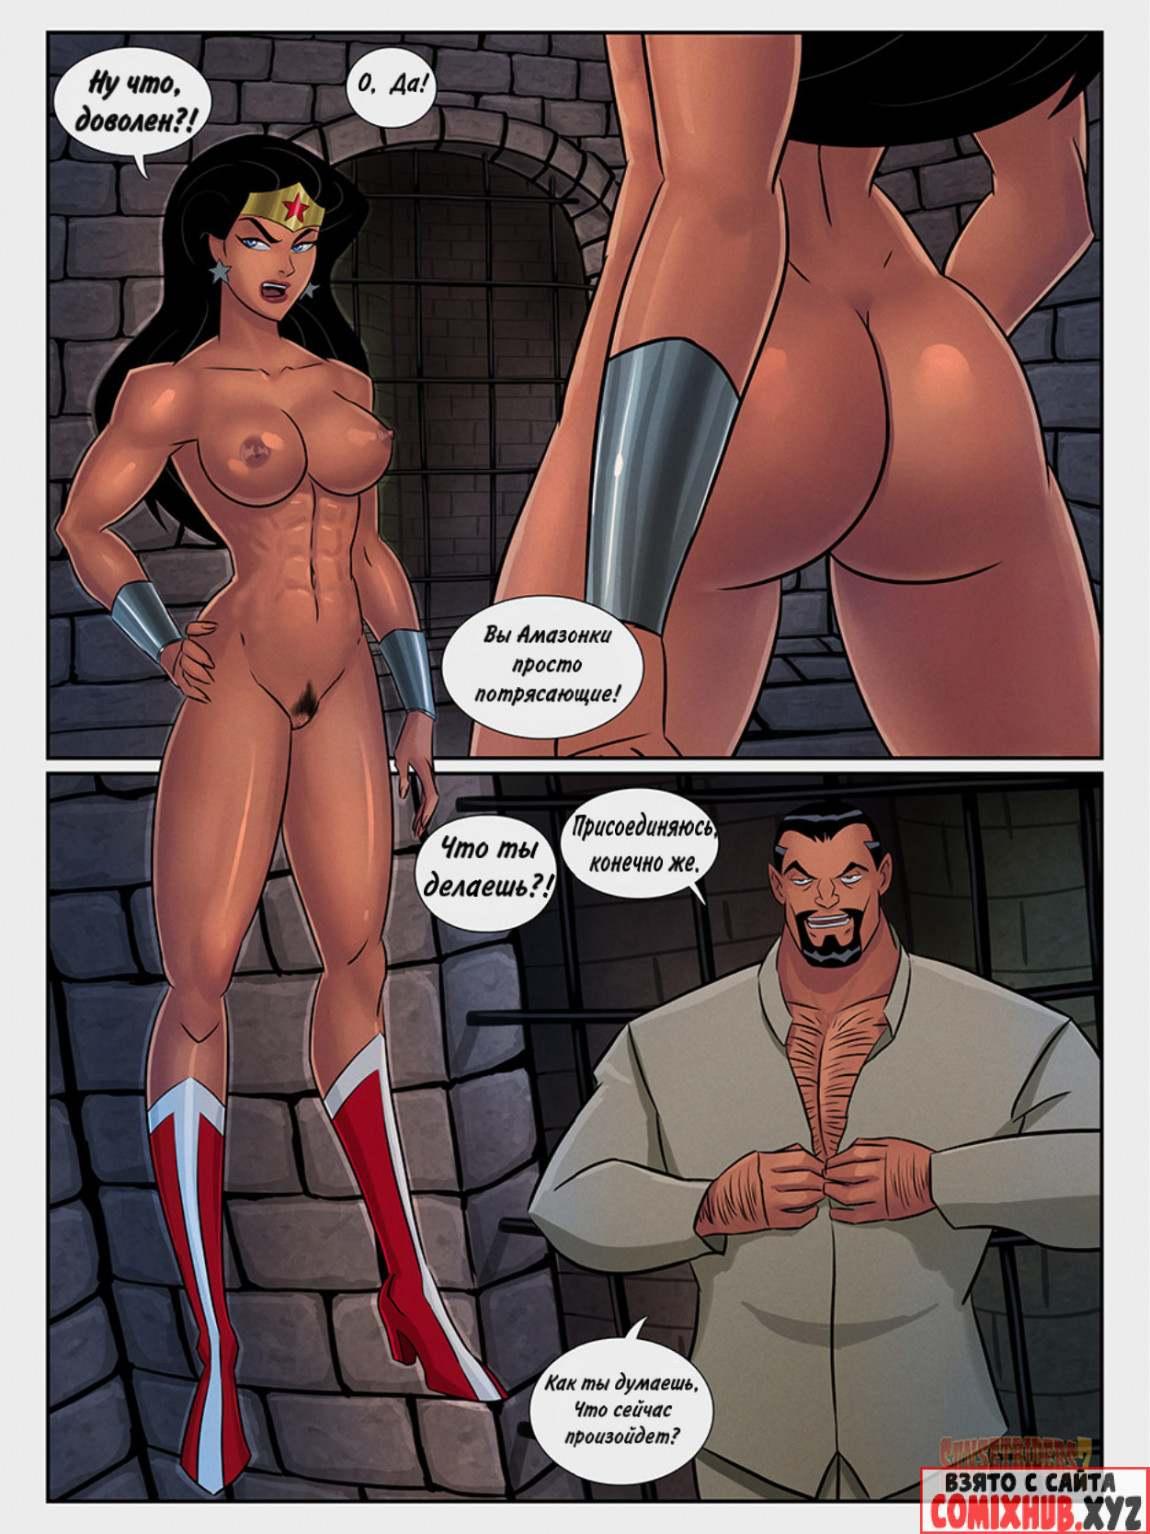 Порно комиксы — Вандализм Большие члены, Герои из мультиков, Минет, Супер-герои,